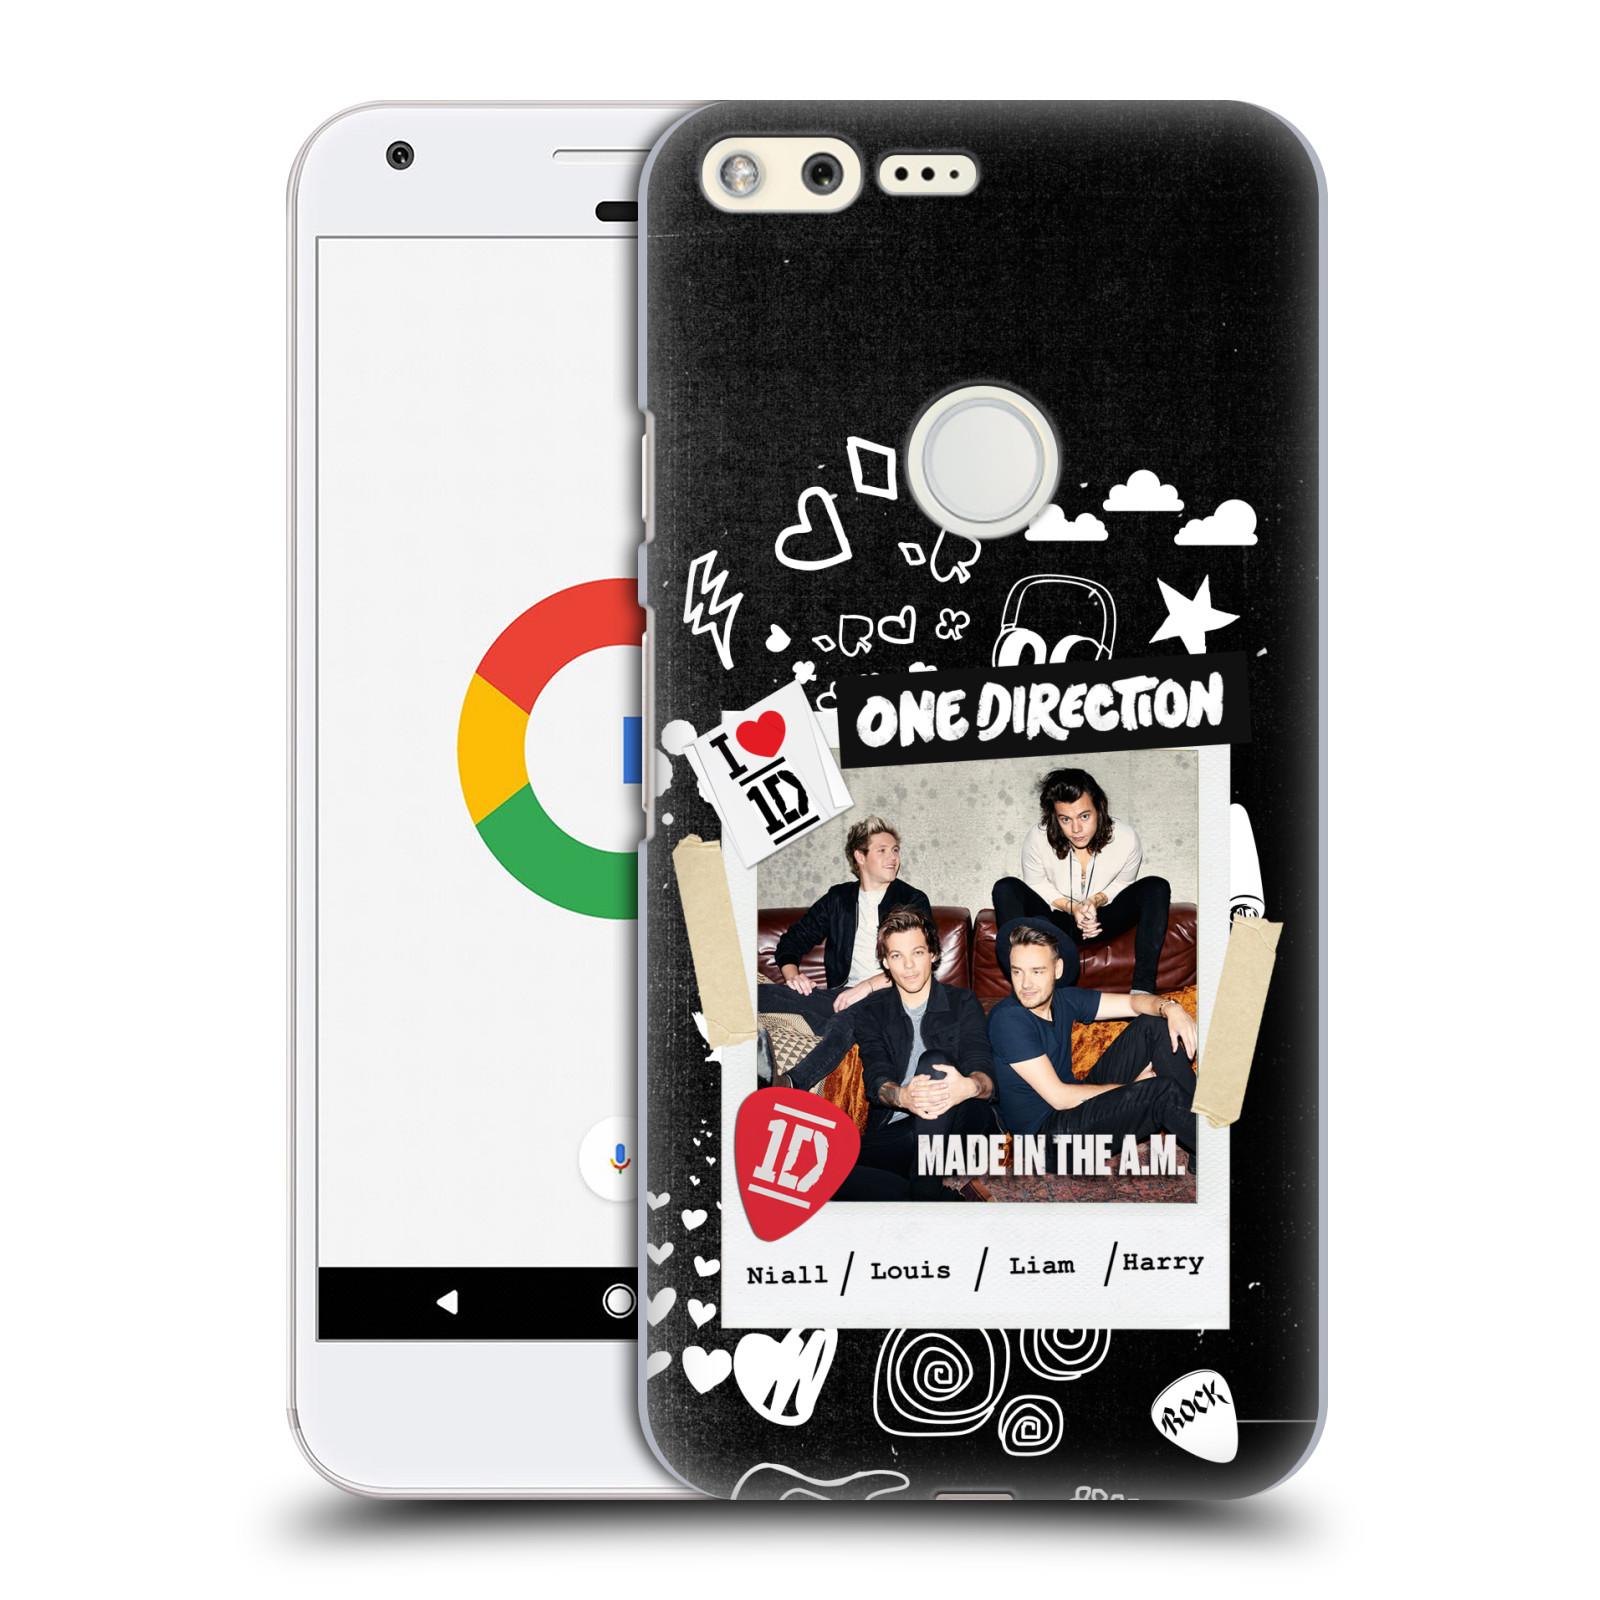 Plastové pouzdro na mobil Google Pixel HEAD CASE One Direction - S kytárou